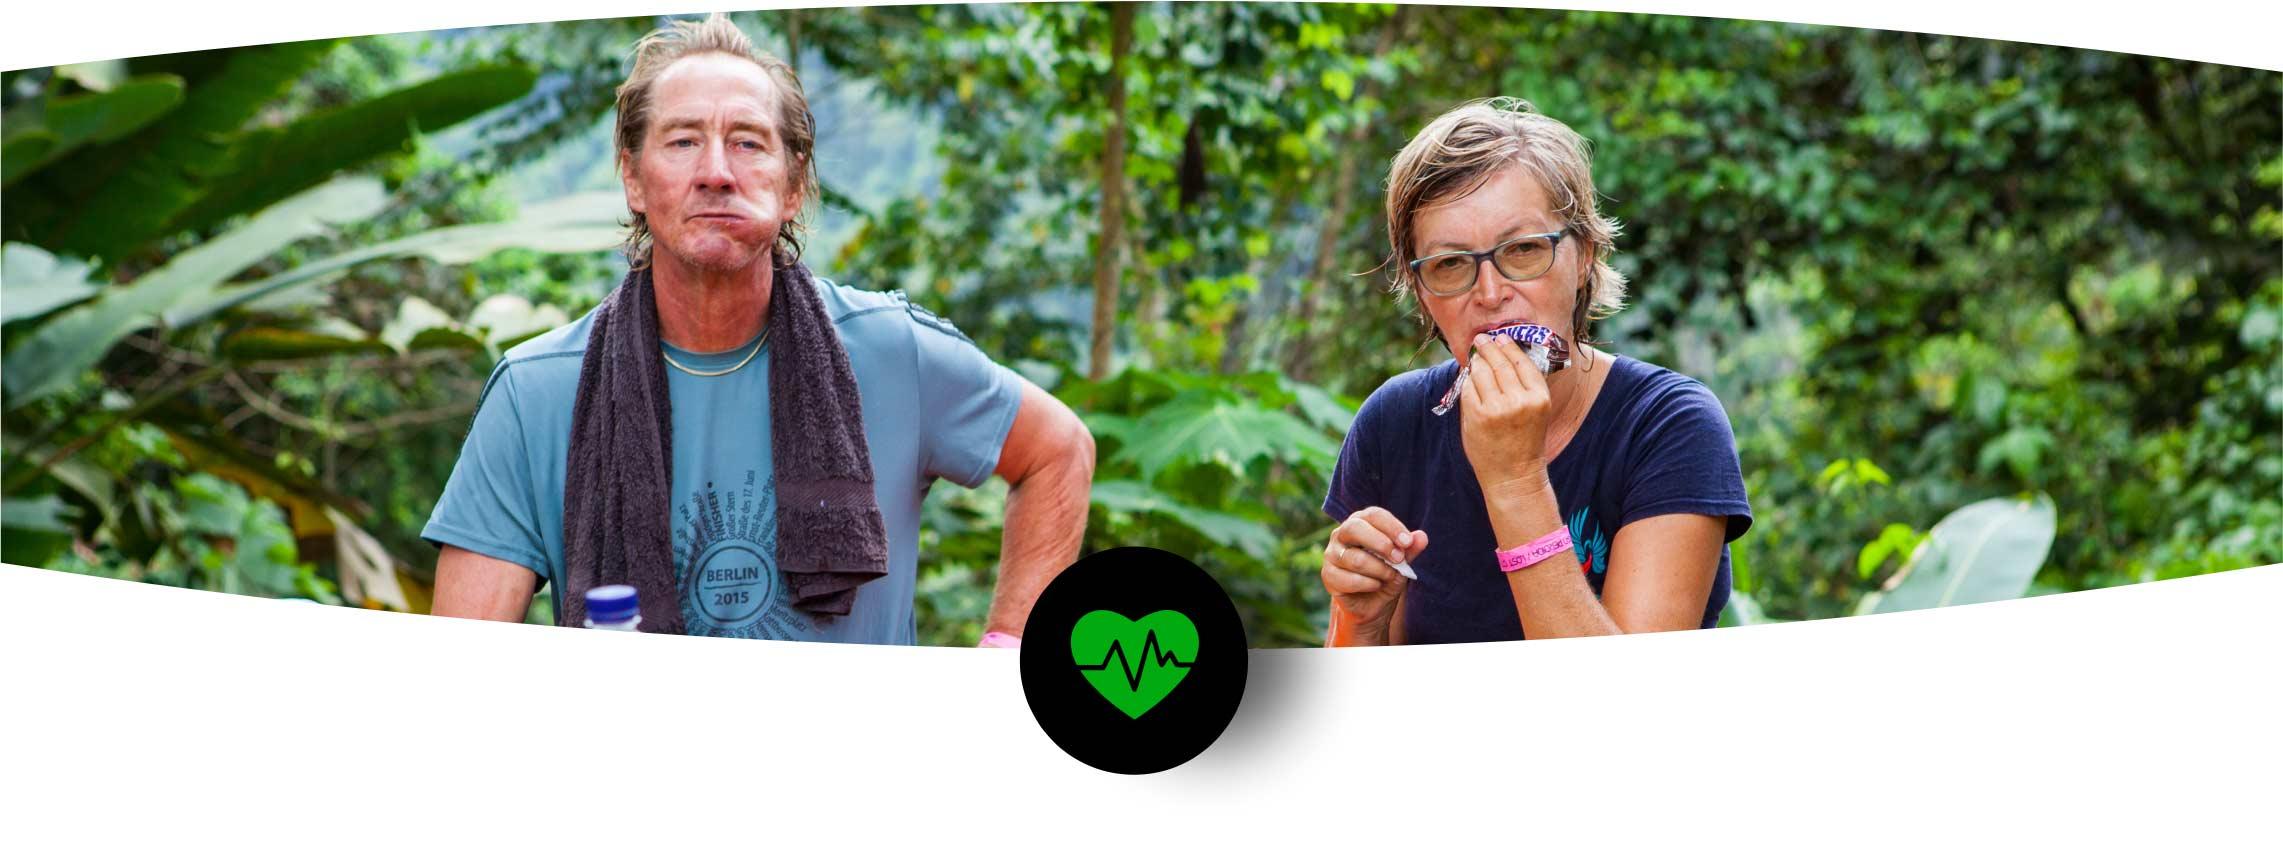 beneficios-del-senderismo-para-el-cardio-expotur-colombia